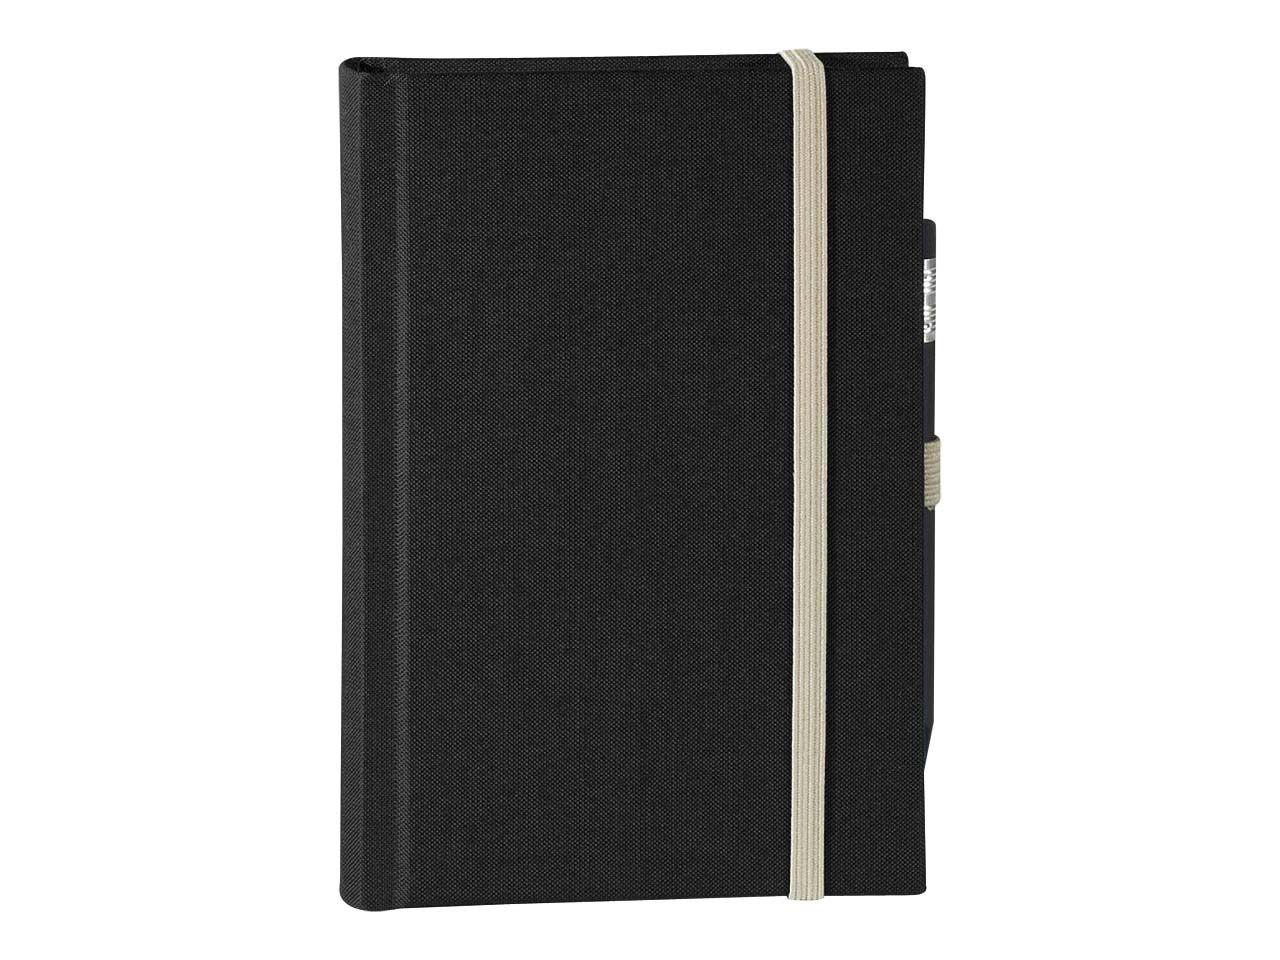 memo Skizzenbuch Leinen A6, (B 92 X H 134 mm) schwarz, 160 Seiten, Zeichenband,1 0164leirec